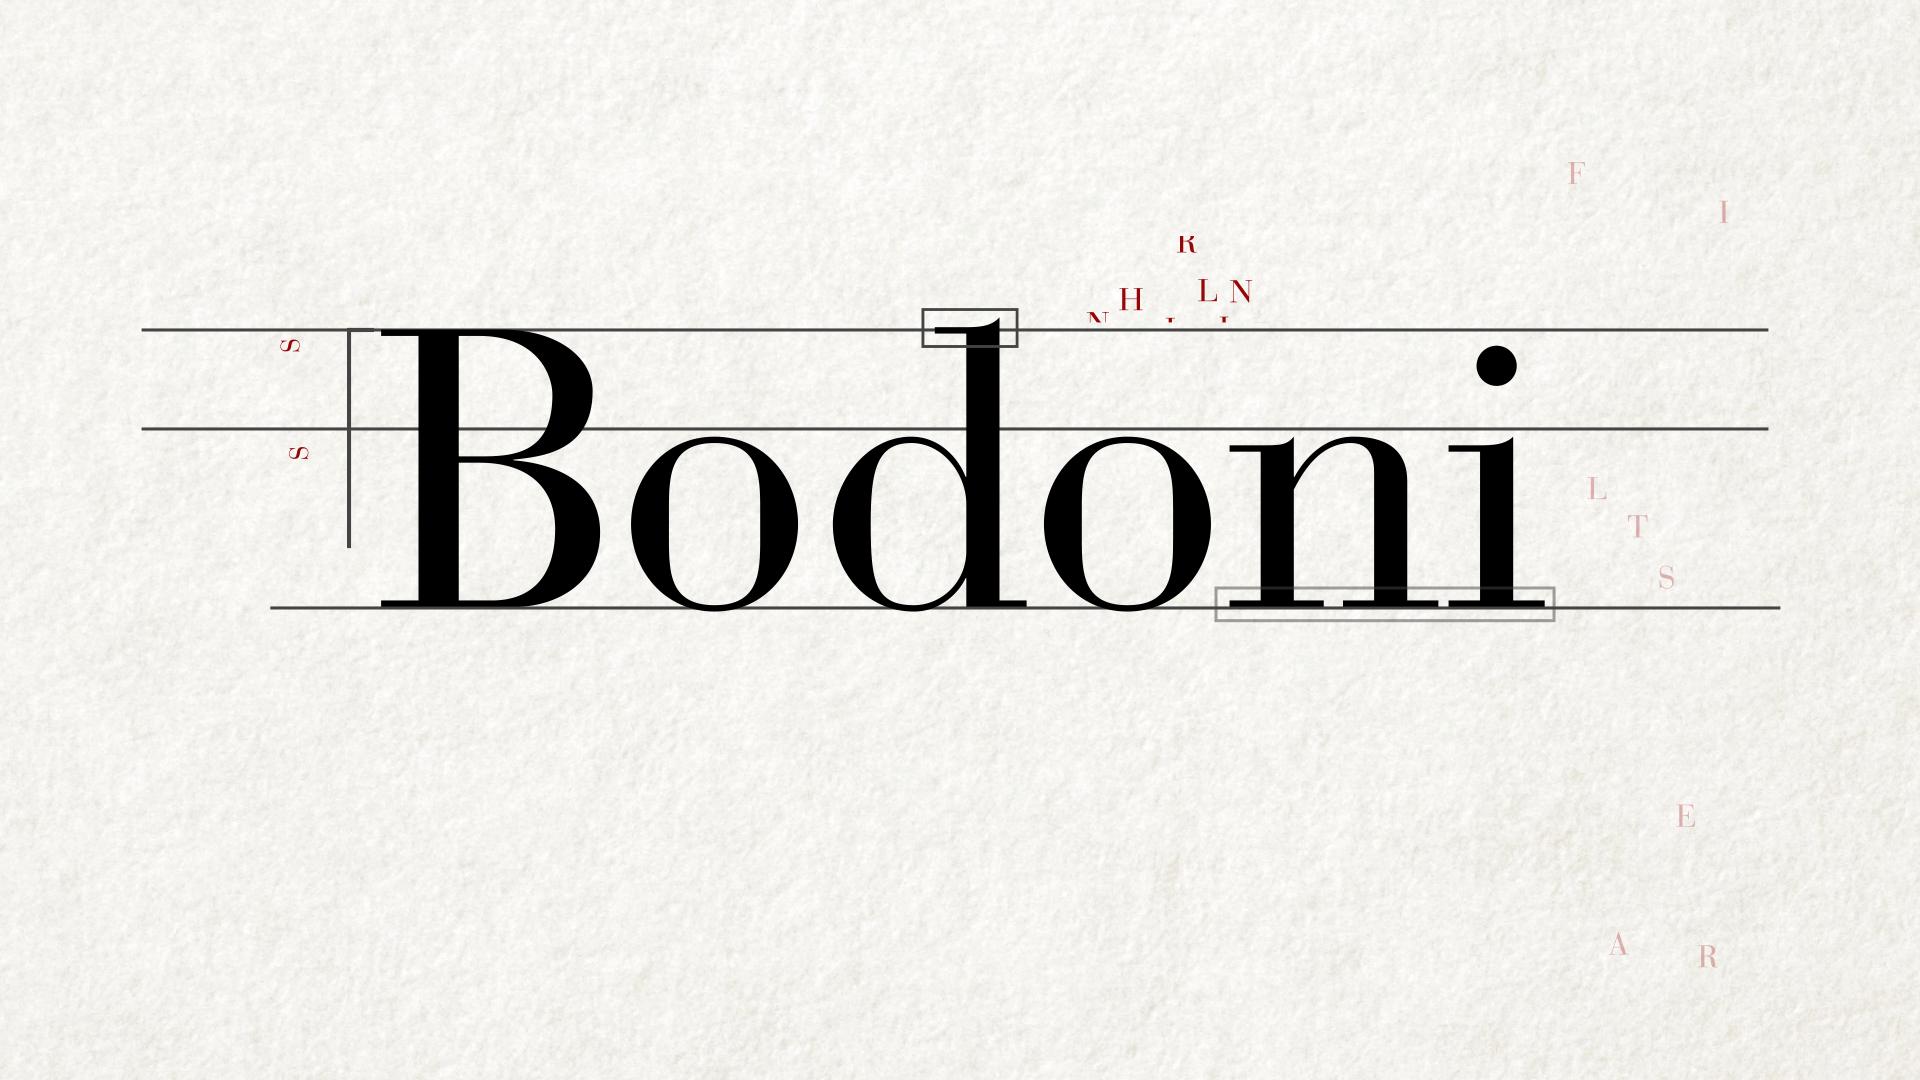 bodoni_00255.png